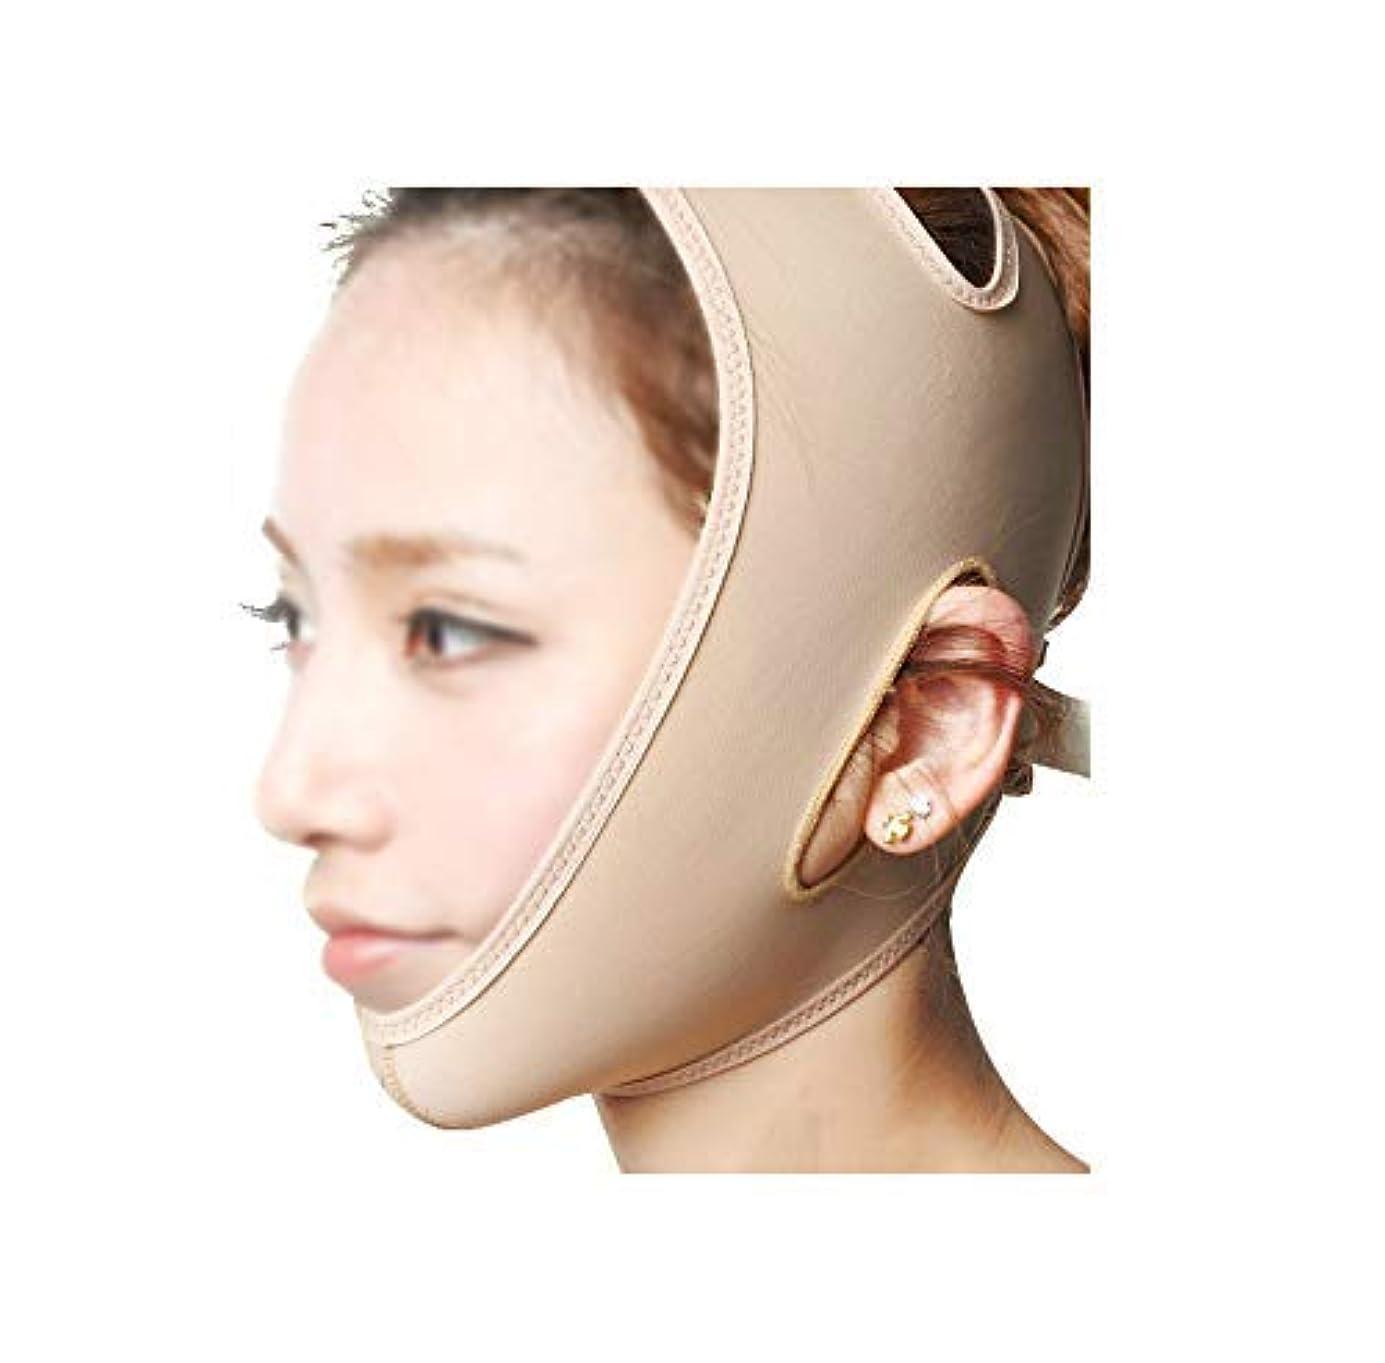 コテージ変化冷酷なフェイスリフティングバンデージVフェイスインストゥルメントフェイスマスクアーティファクトフェイスリフティングファーミングフェイシャルマッサージ通気性肌のトーン(サイズ:M)